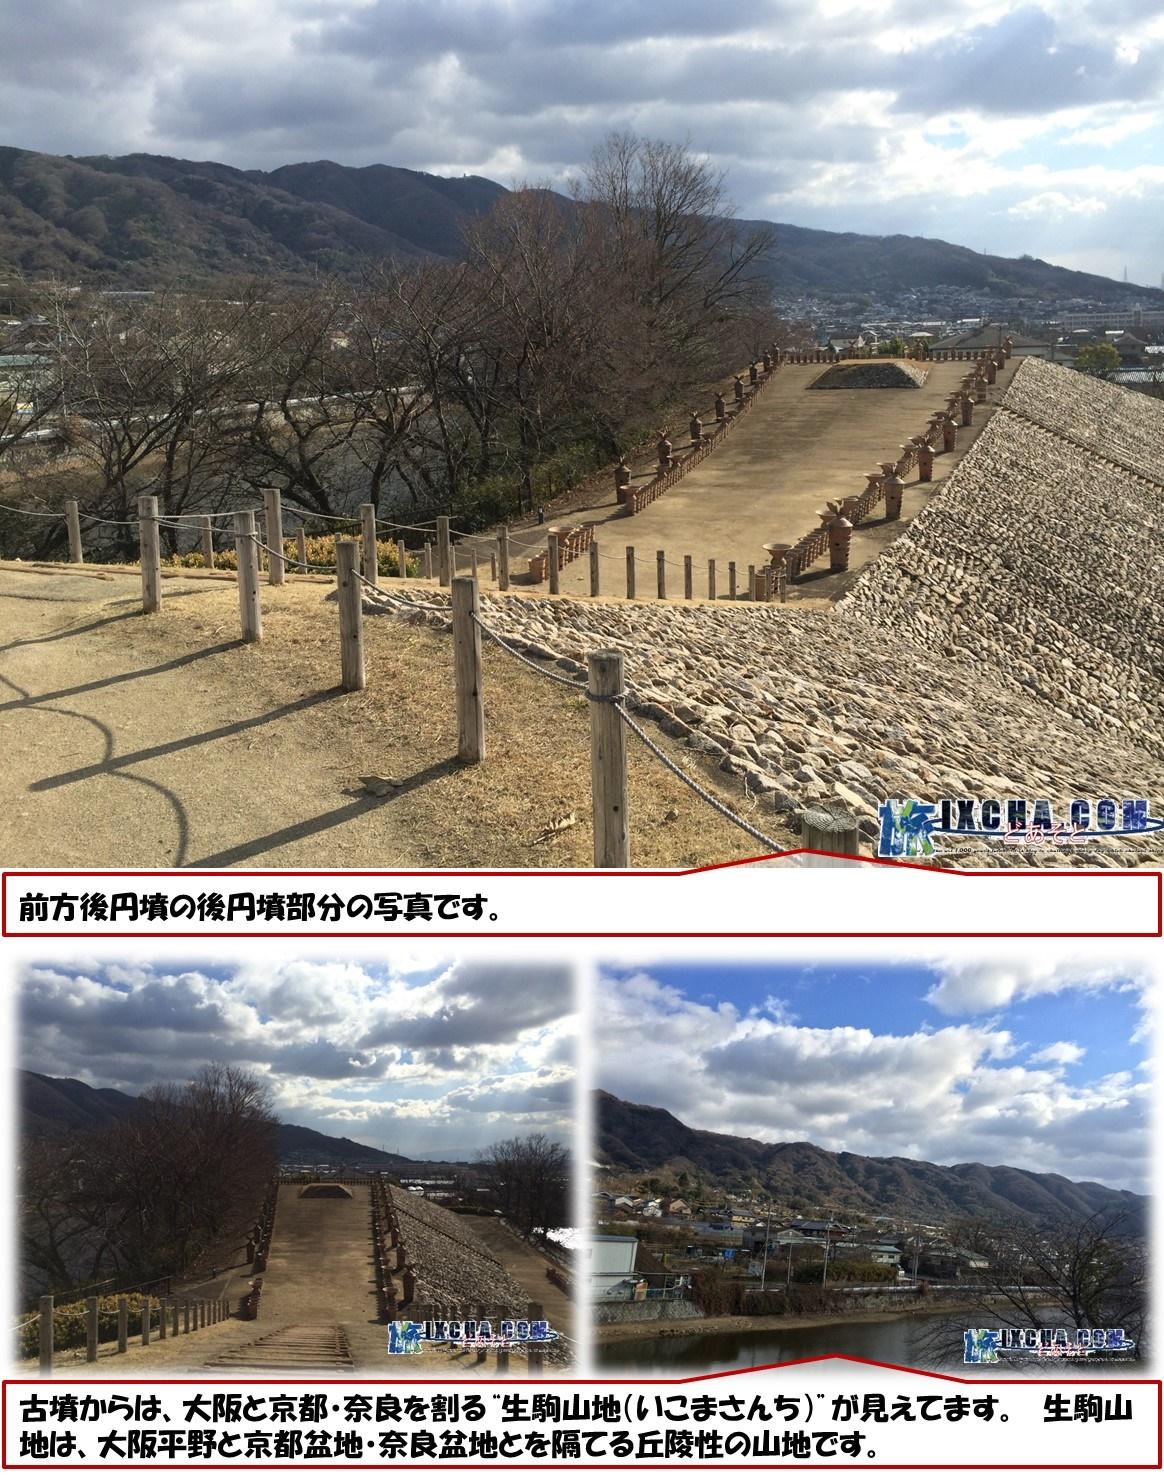 """前方後円墳の後円墳部分の写真です。 古墳からは、大阪と京都・奈良を割る""""生駒山地(いこまさんち)""""が見えてます。 生駒山地は、大阪平野と京都盆地・奈良盆地とを隔てる丘陵性の山地です。"""